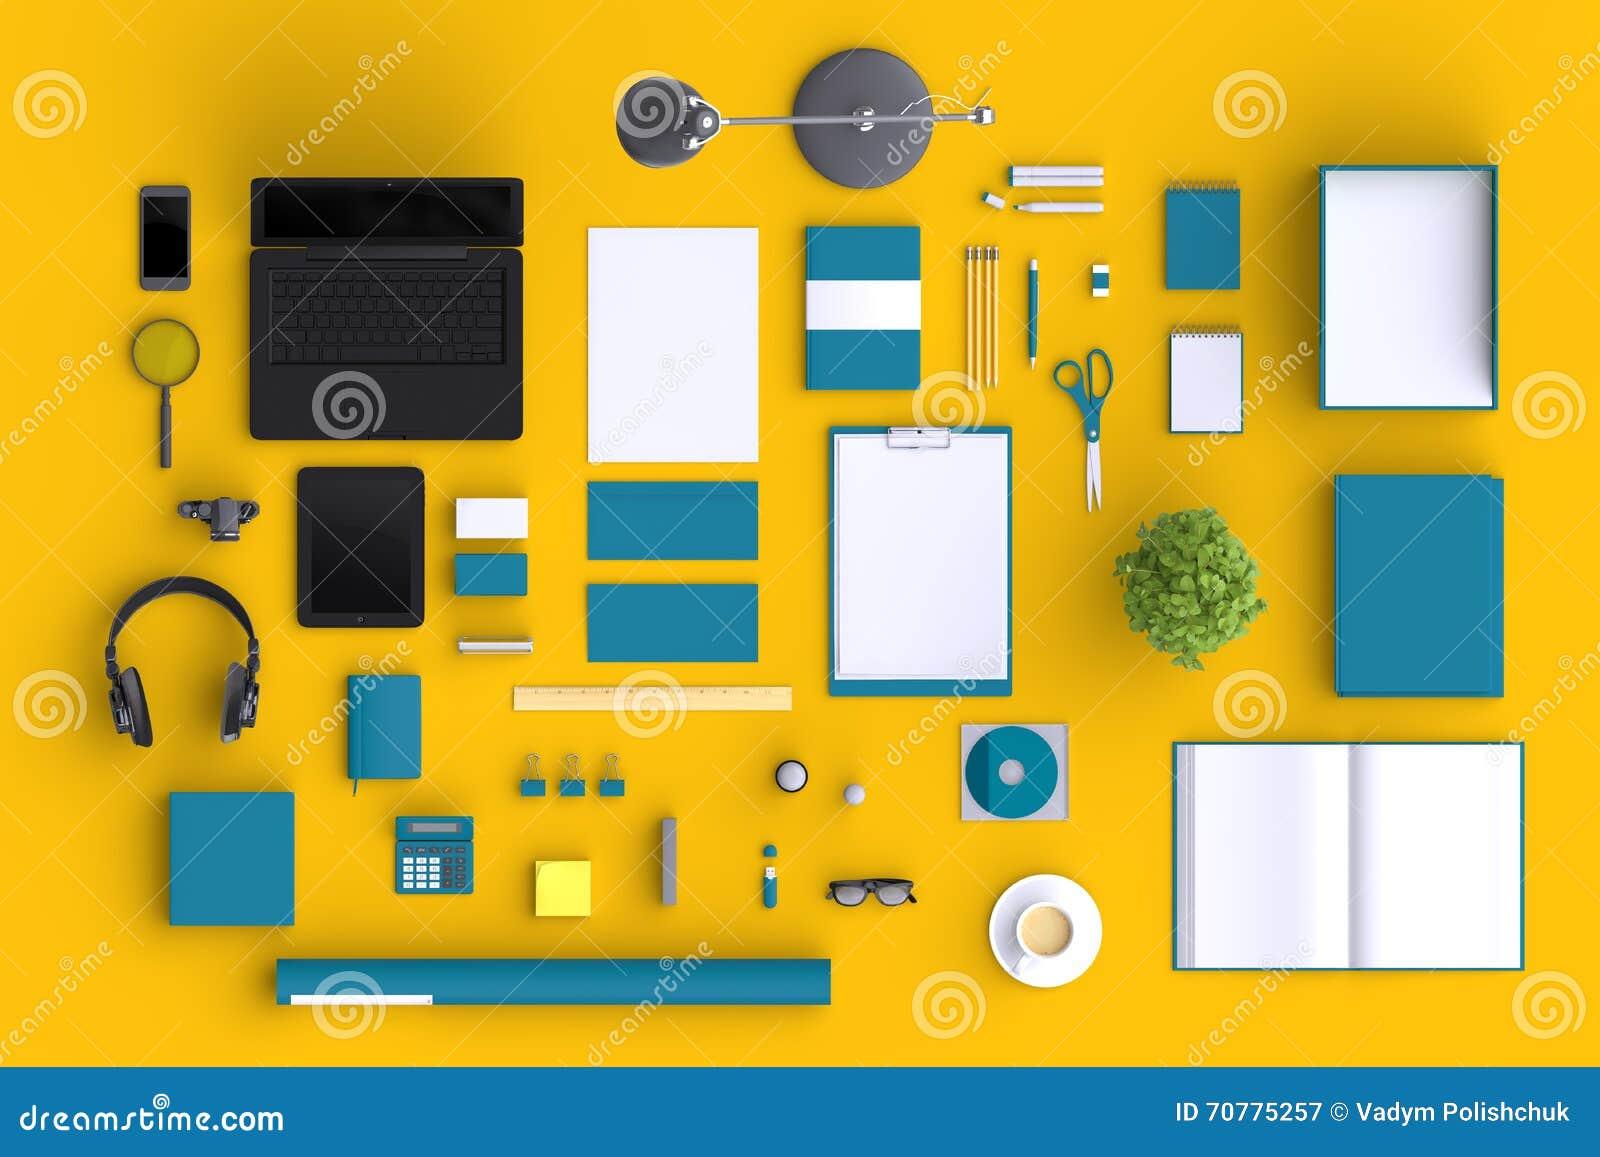 Σύνολο κενών αντικειμένων γραφείων ποικιλίας που οργανώνονται για την παρουσίαση επιχείρησης ή την ταυτότητα μαρκαρίσματος με τις